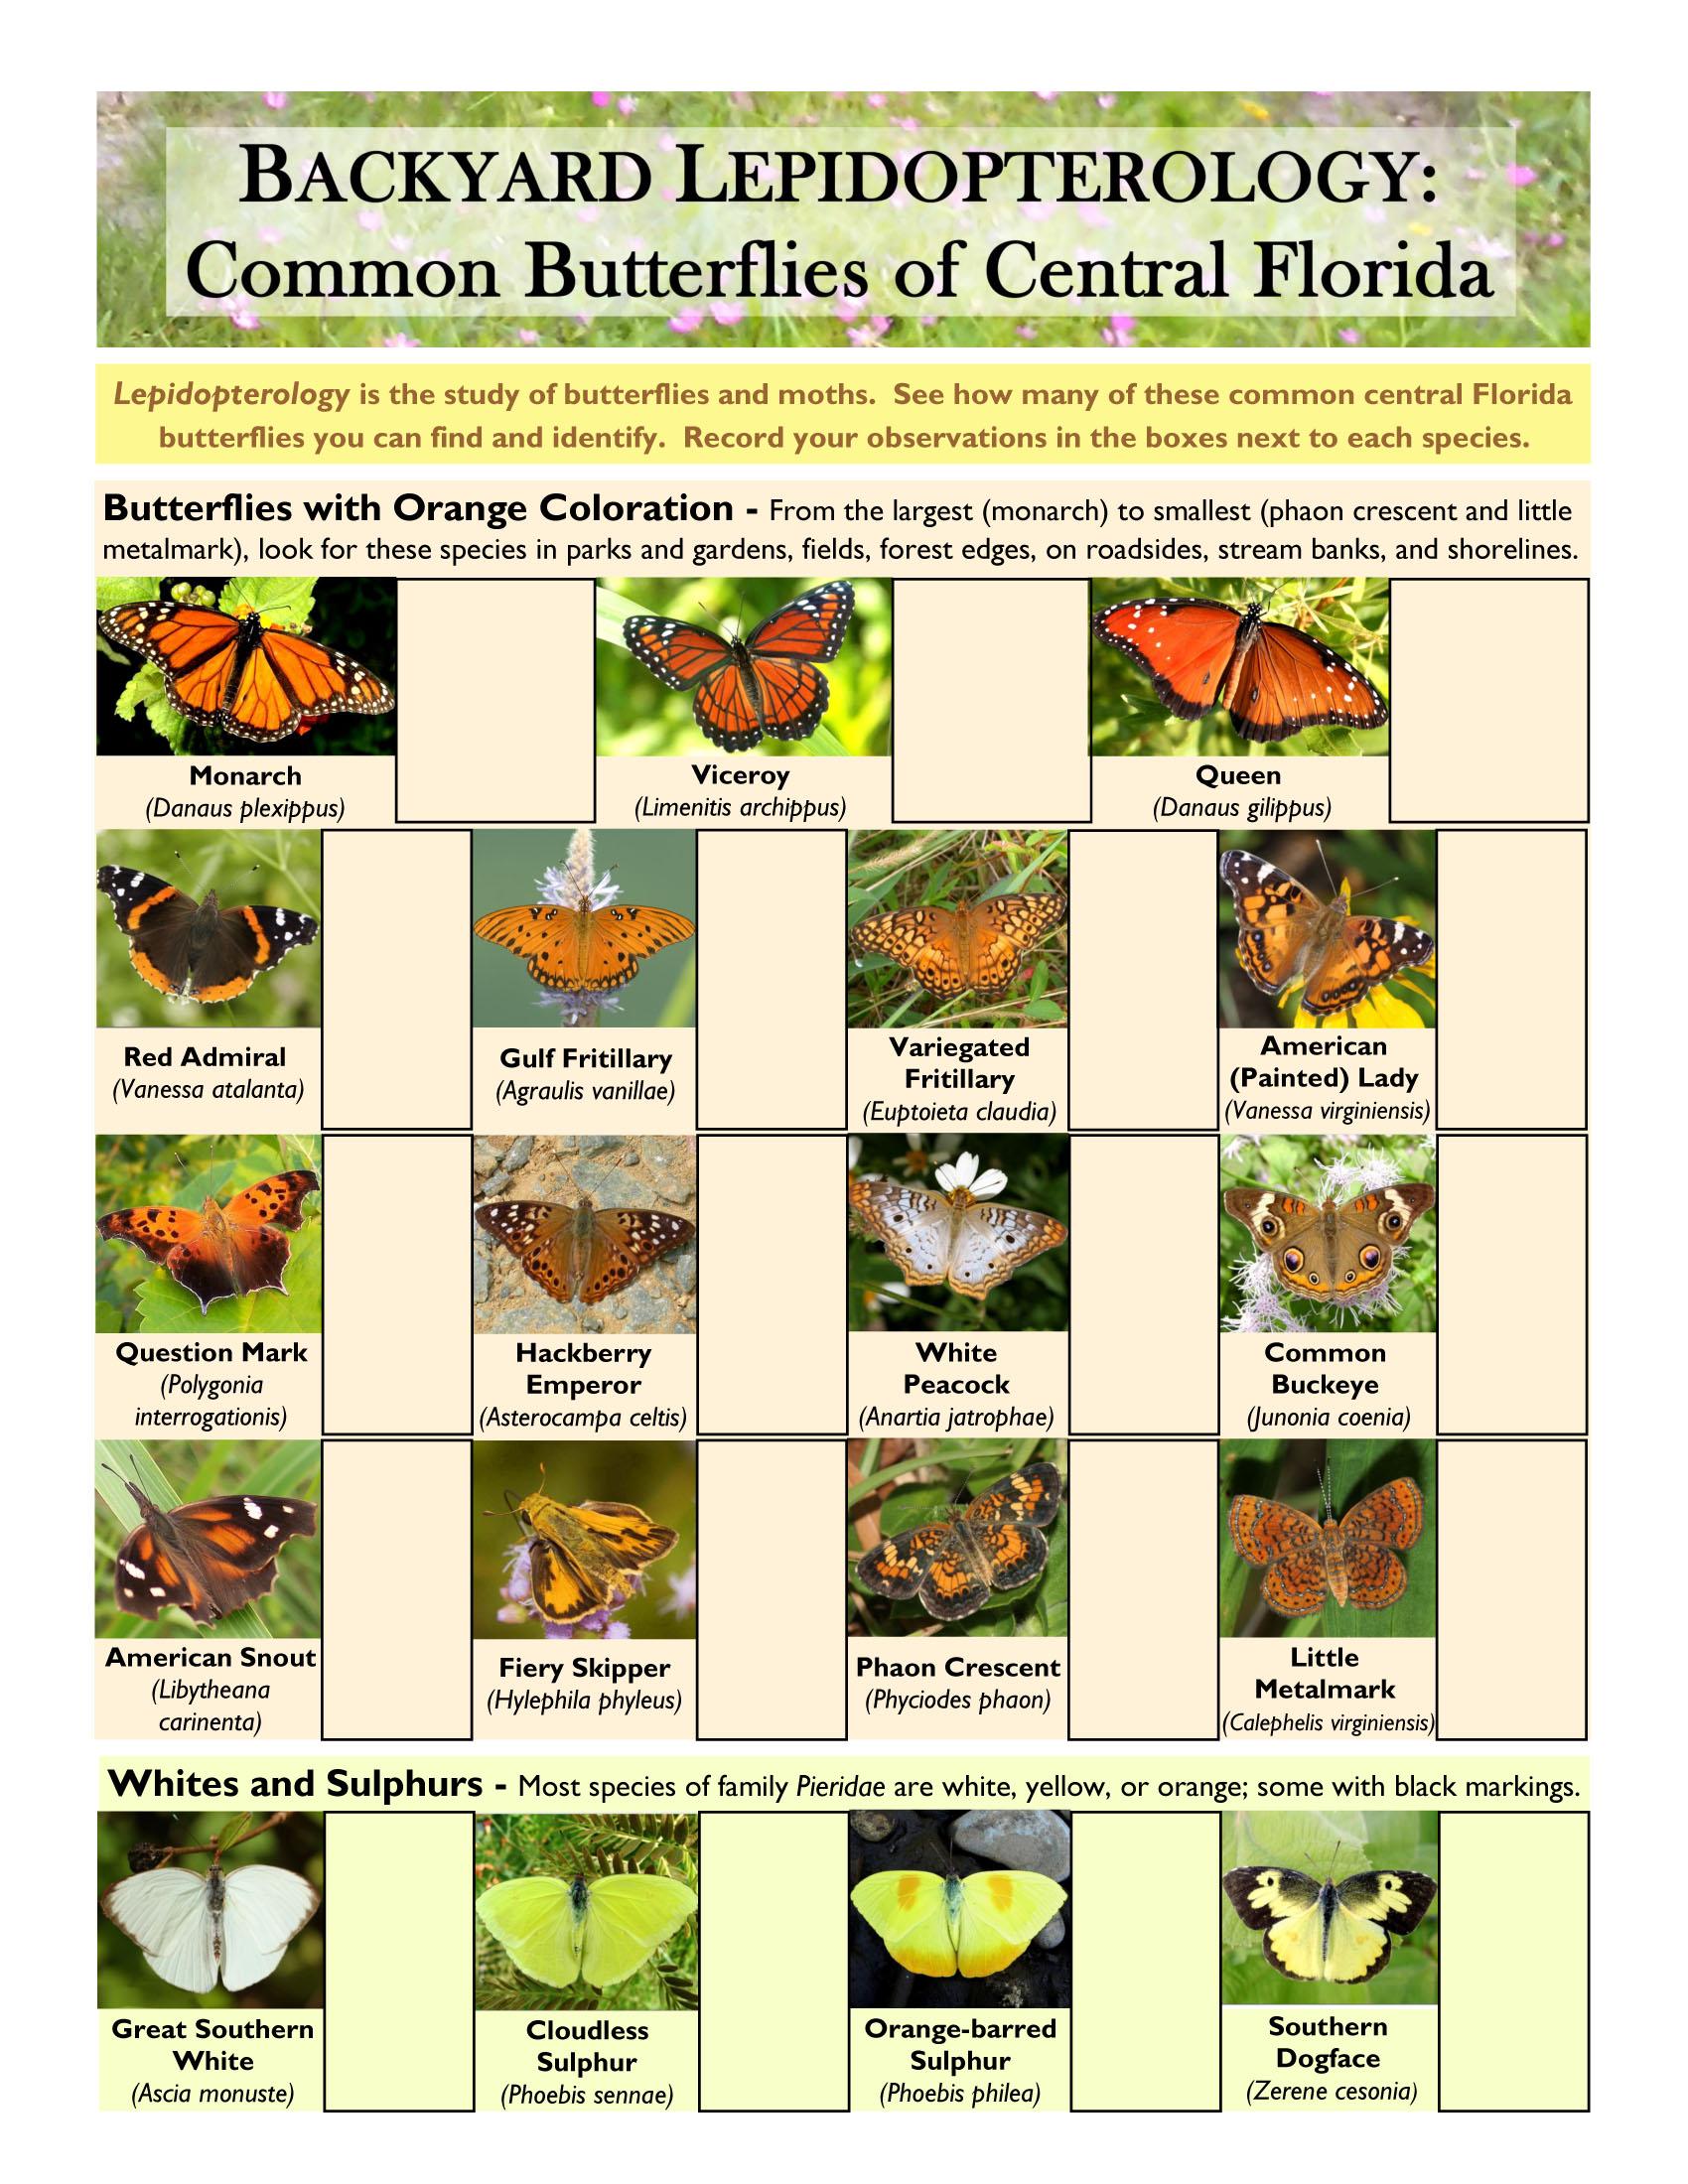 Backyard Lepidopterology